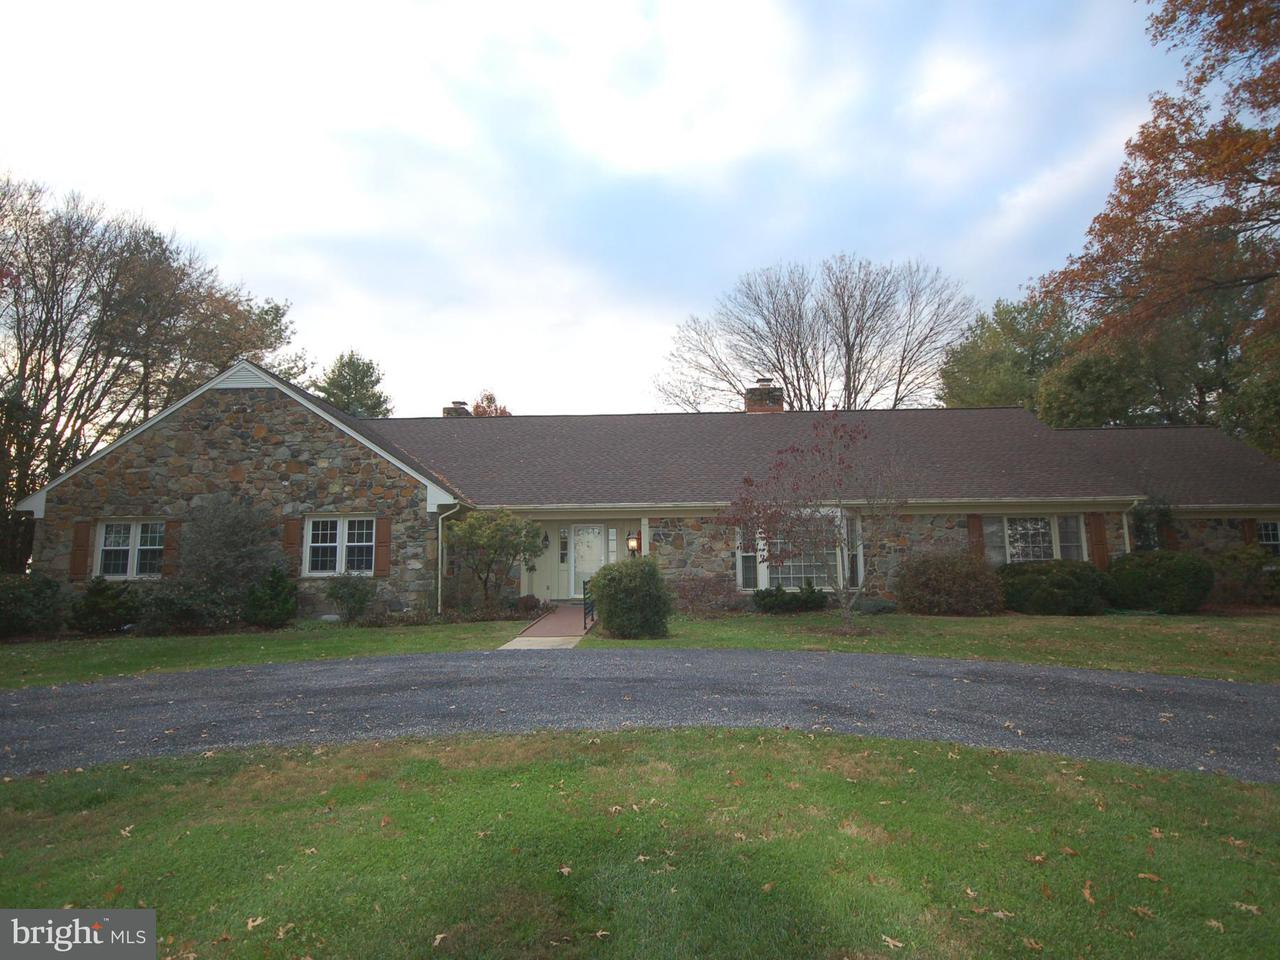 Maison unifamiliale pour l Vente à 16749 Ivandale Road 16749 Ivandale Road Hamilton, Virginia 20158 États-Unis